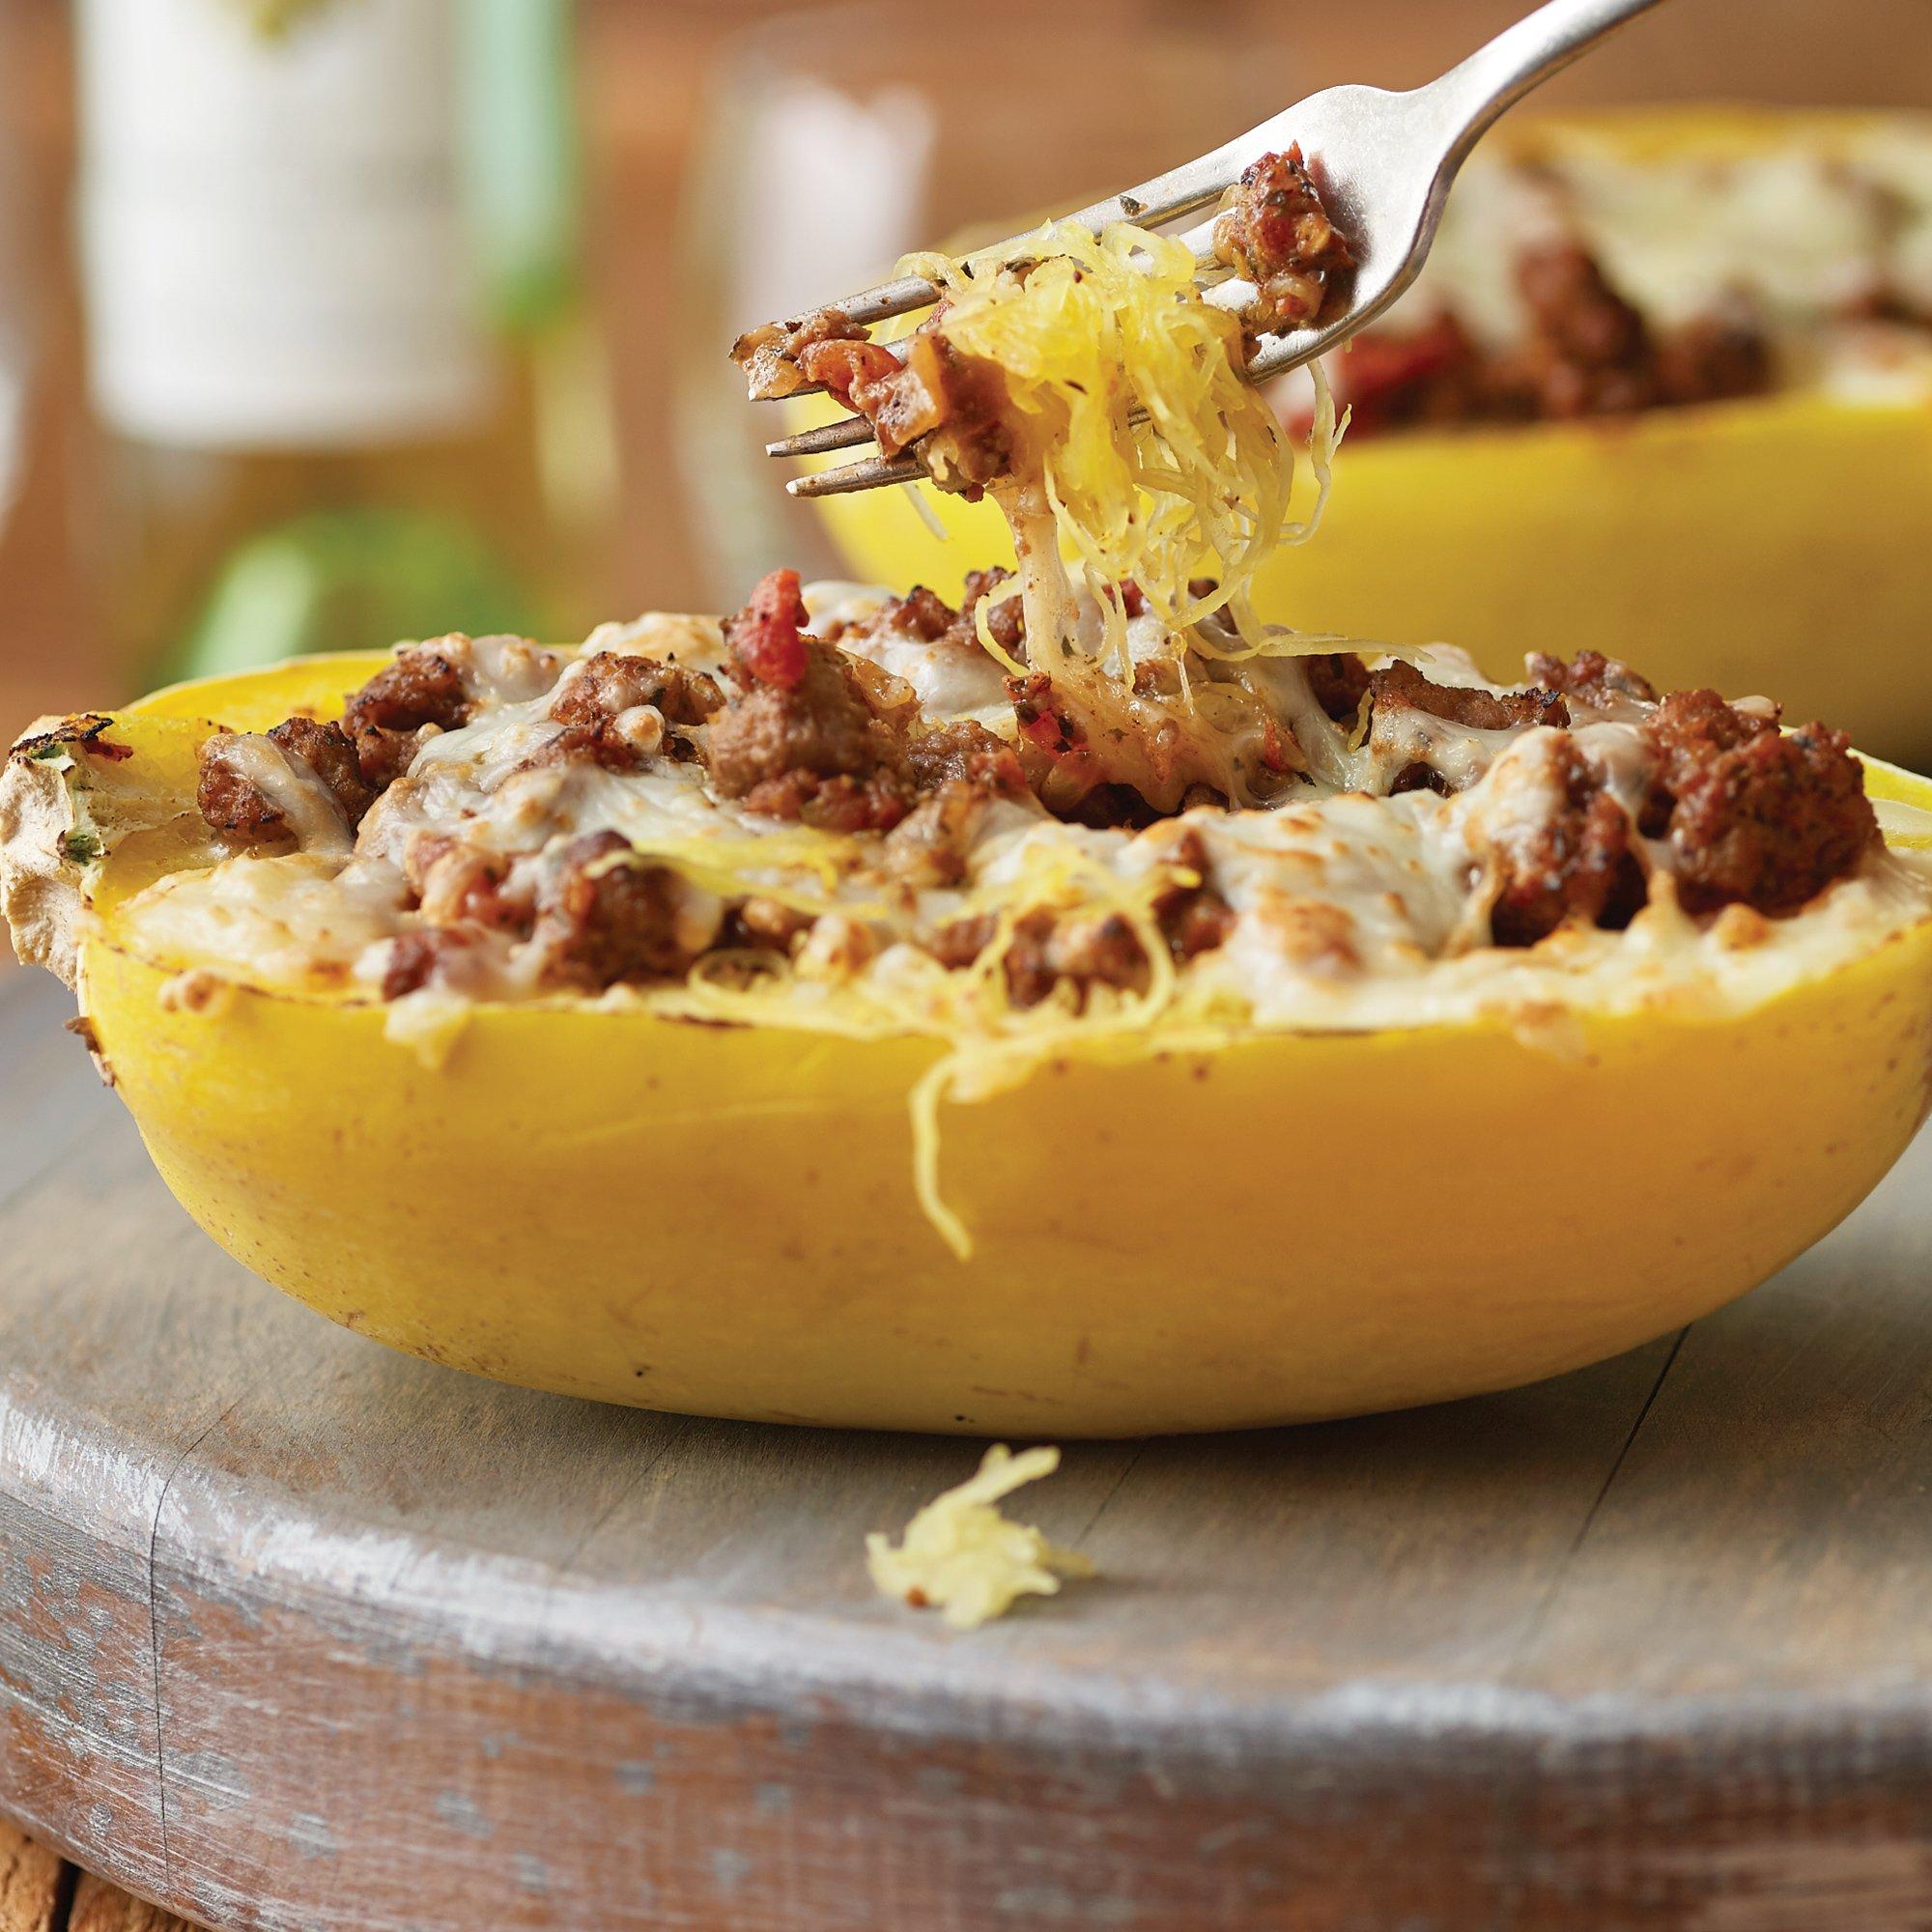 Spicy Spaghetti Squash Boats Recipe from H‑E‑B